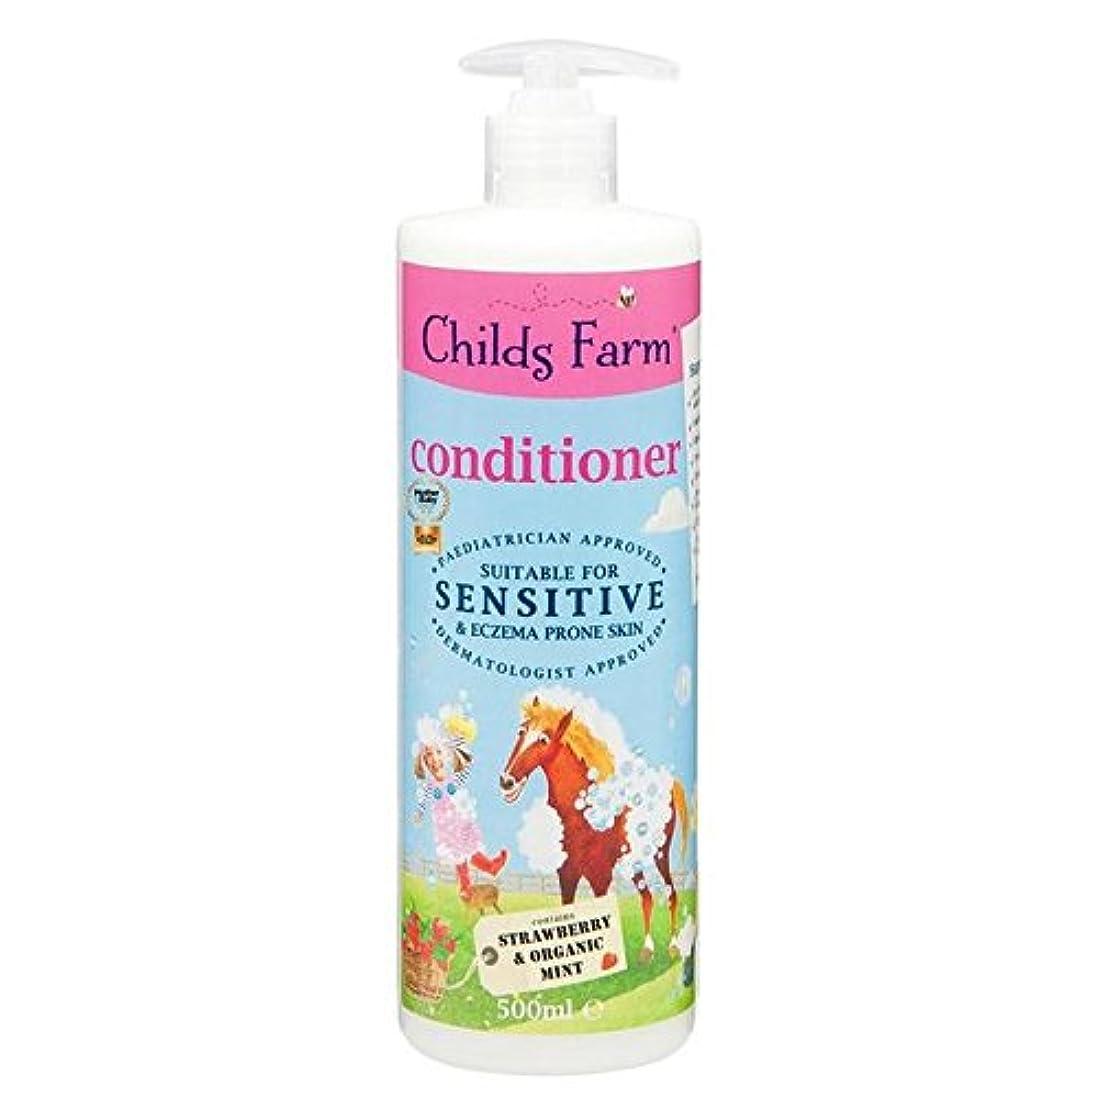 フォーム金銭的ステージChilds Farm Conditioner for Unruly Hair 500ml - 手に負えない髪の500ミリリットルのためのチャイルズファームコンディショナー [並行輸入品]